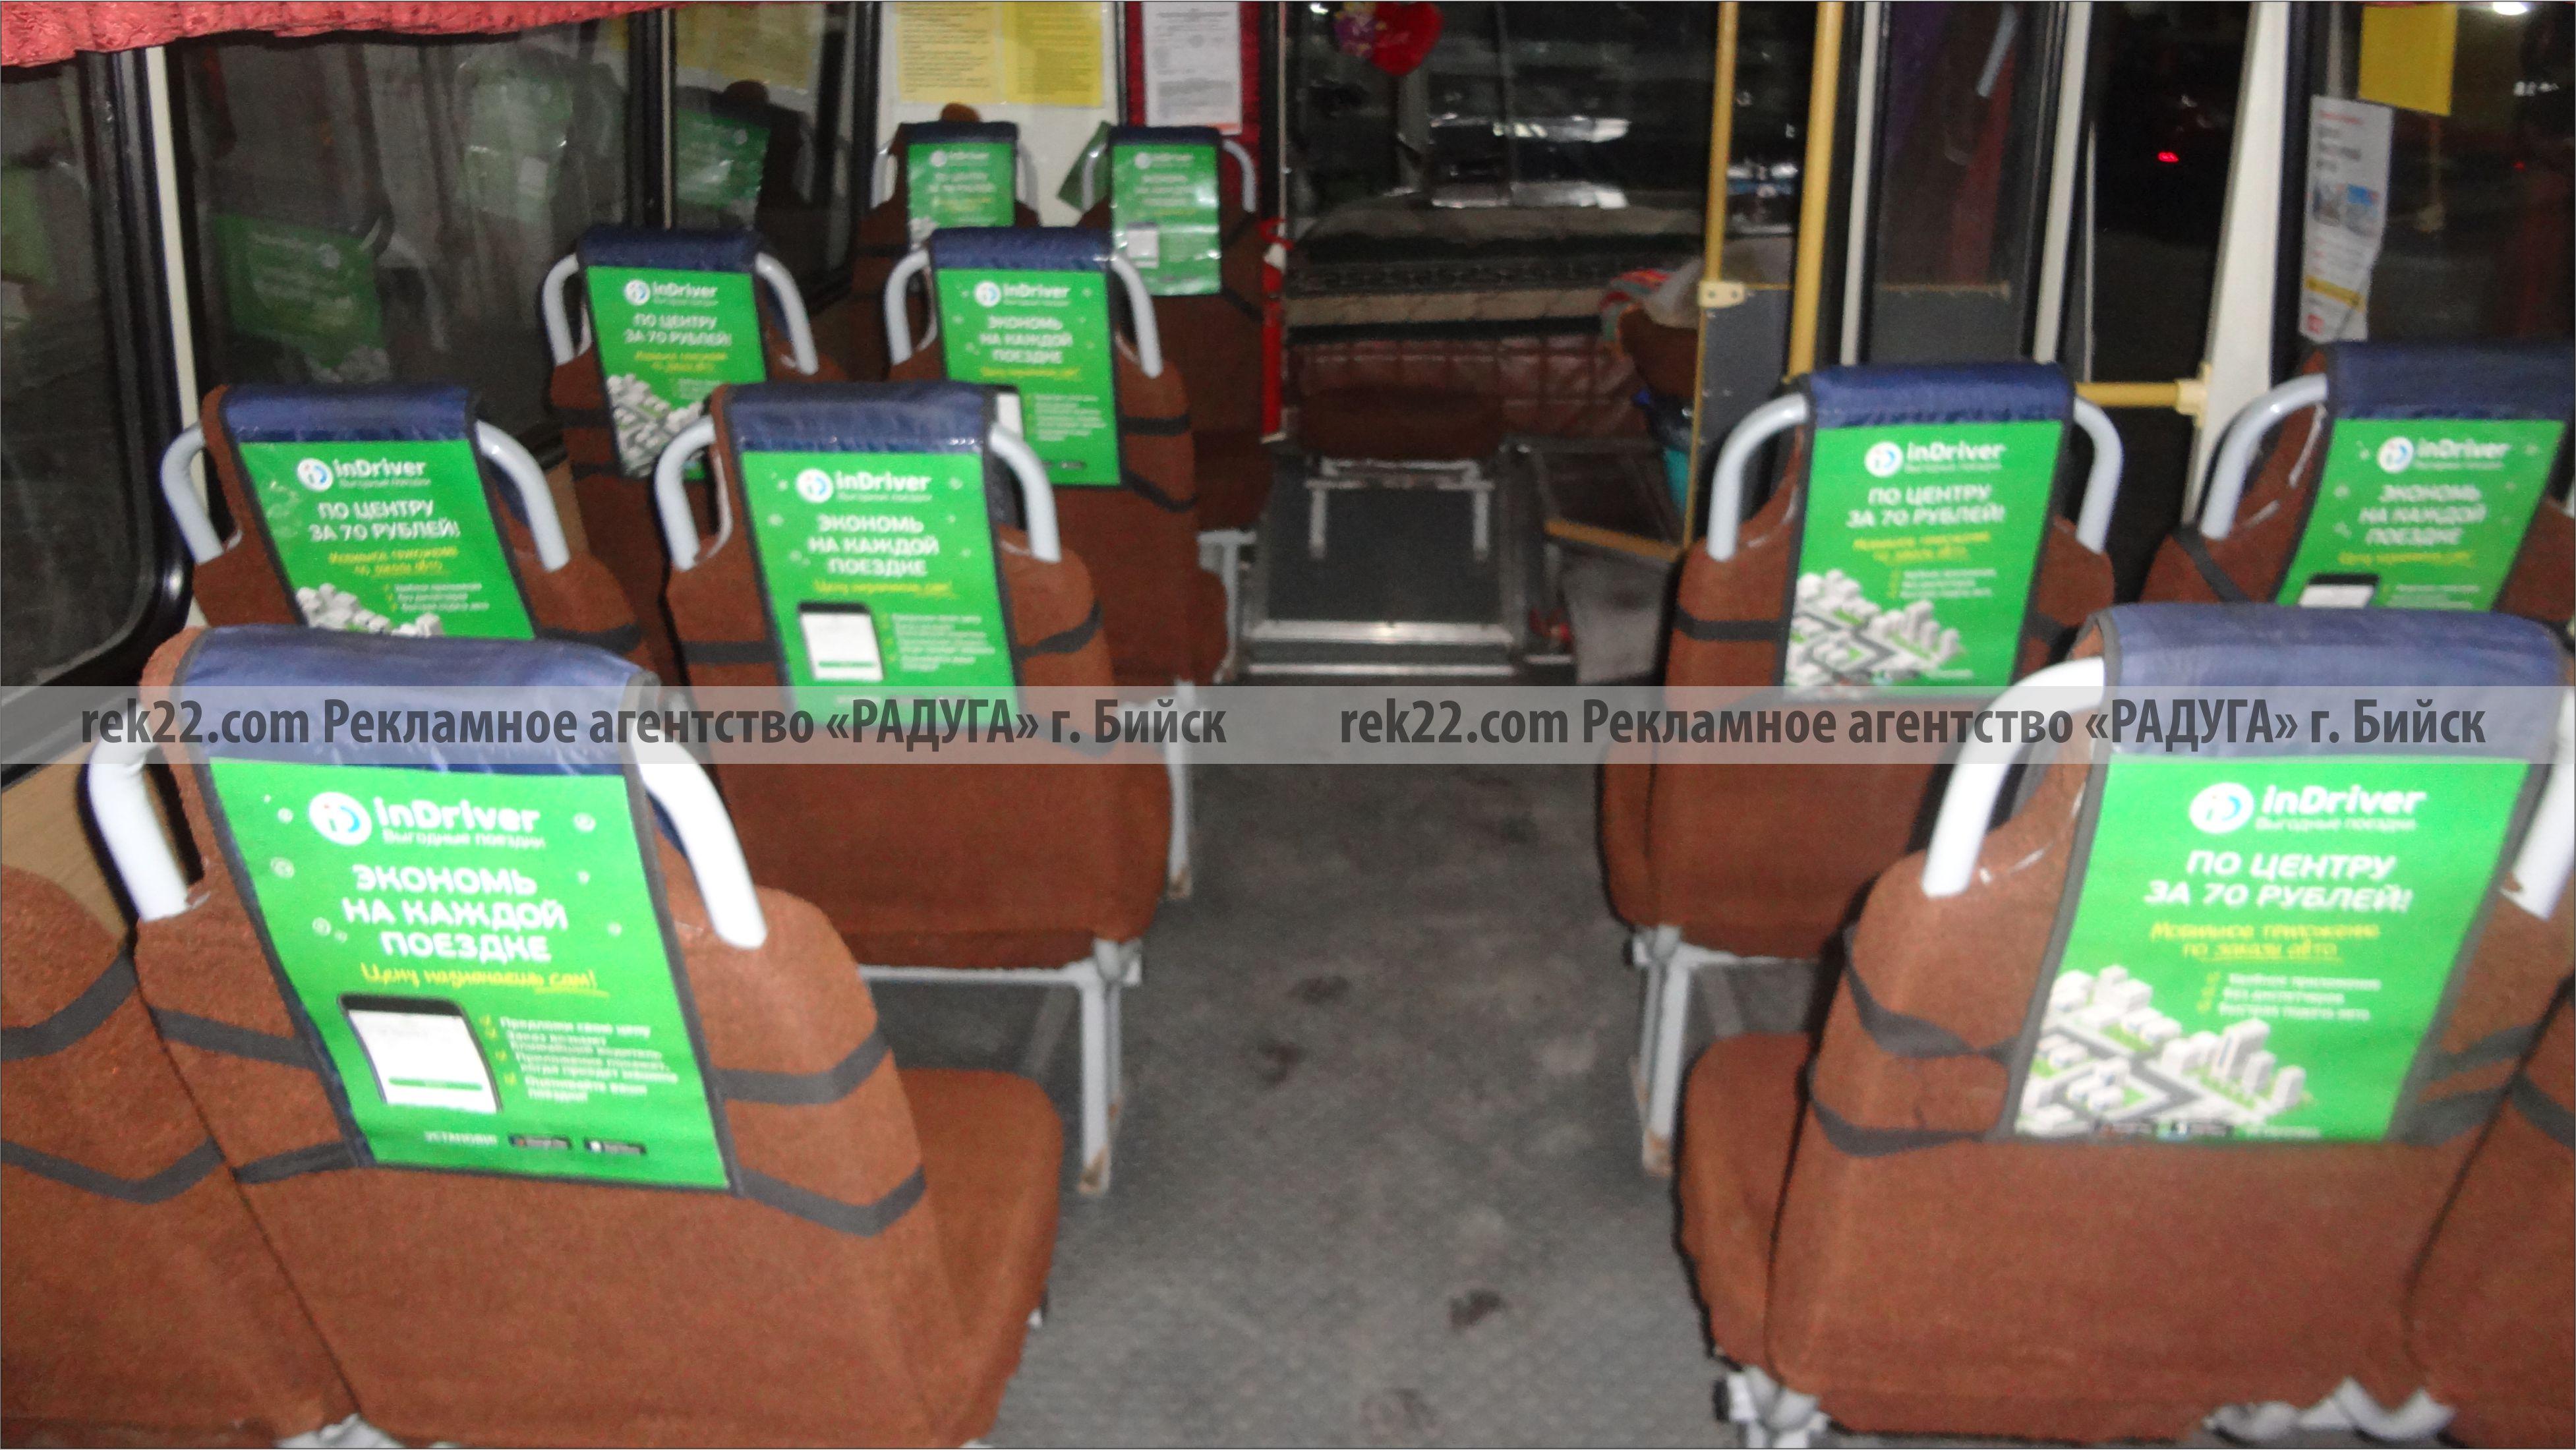 Реклама на транспорте Бийск - подголовники - 12